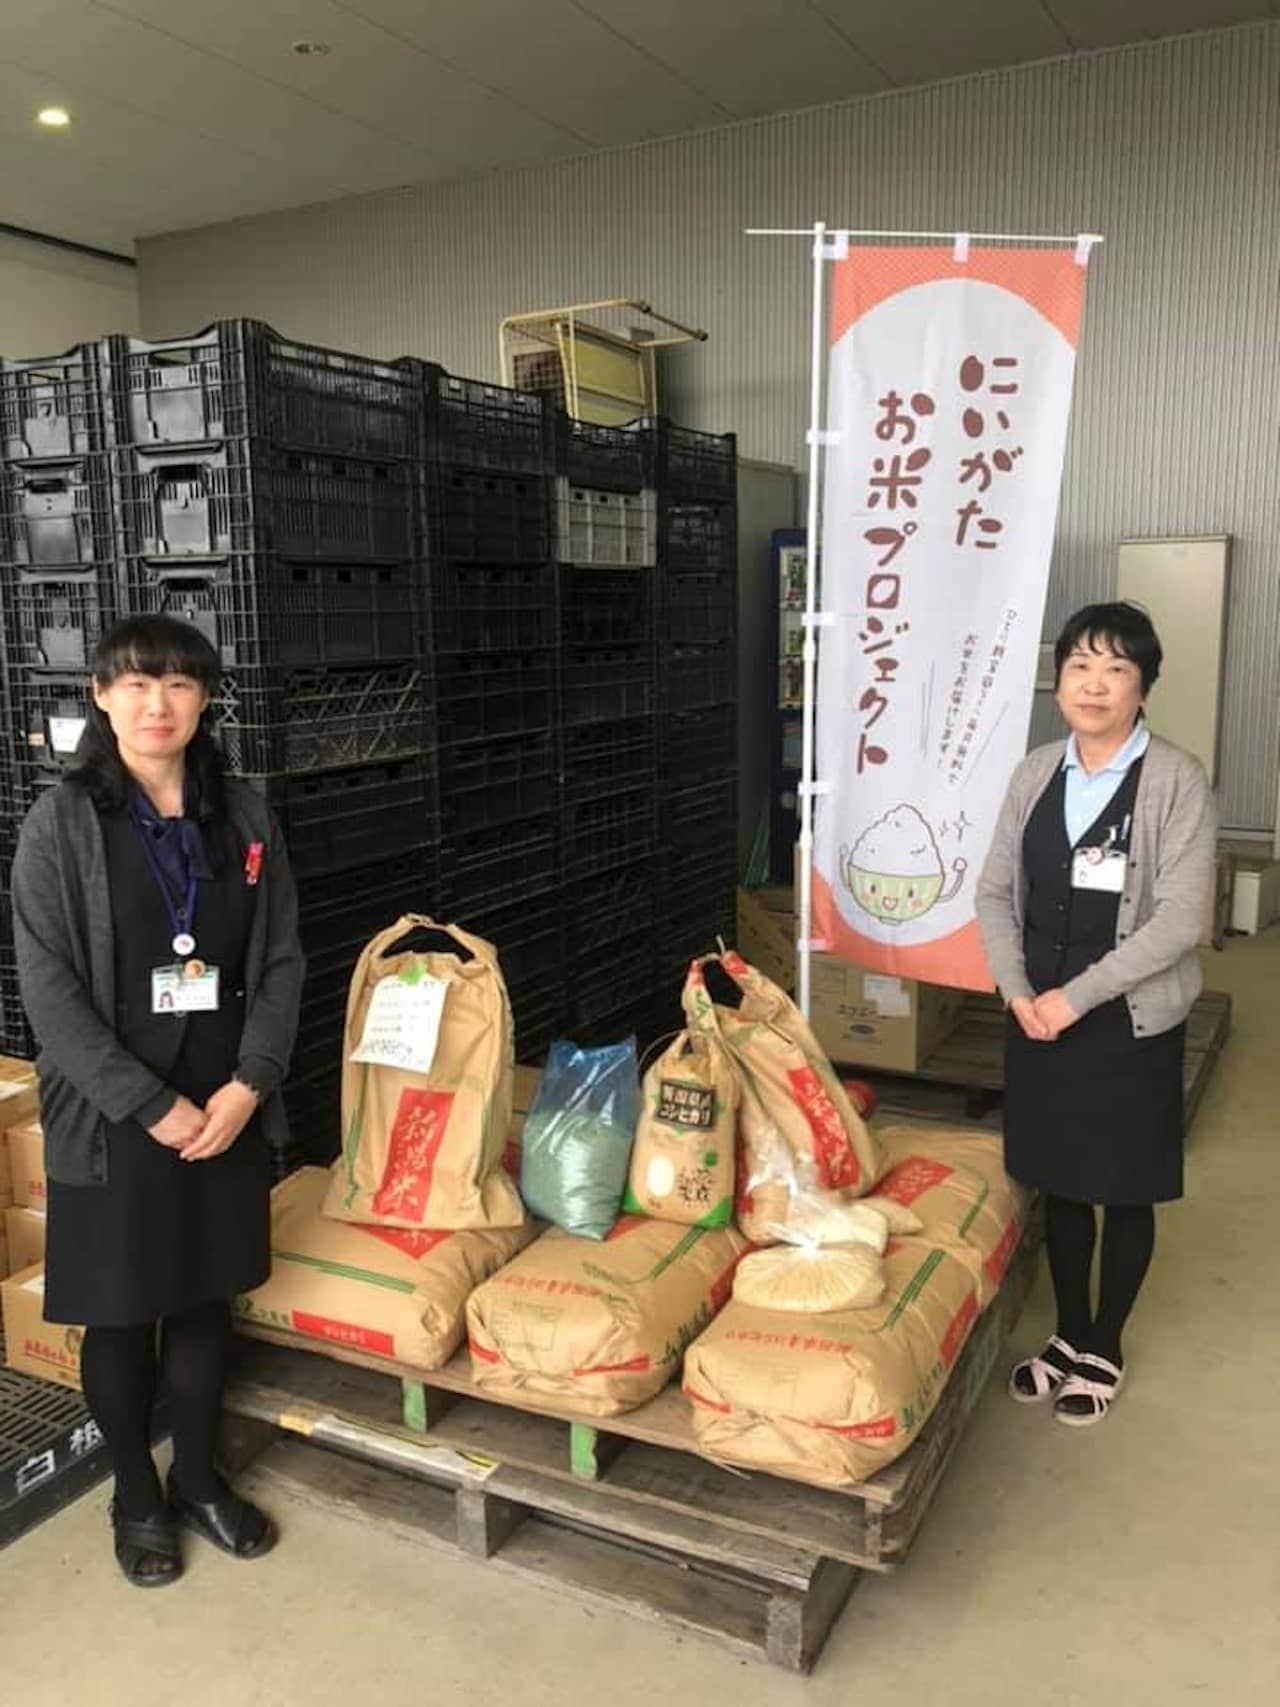 子育て家庭に食品届ける「こども宅食」団体が緊急支援を実施